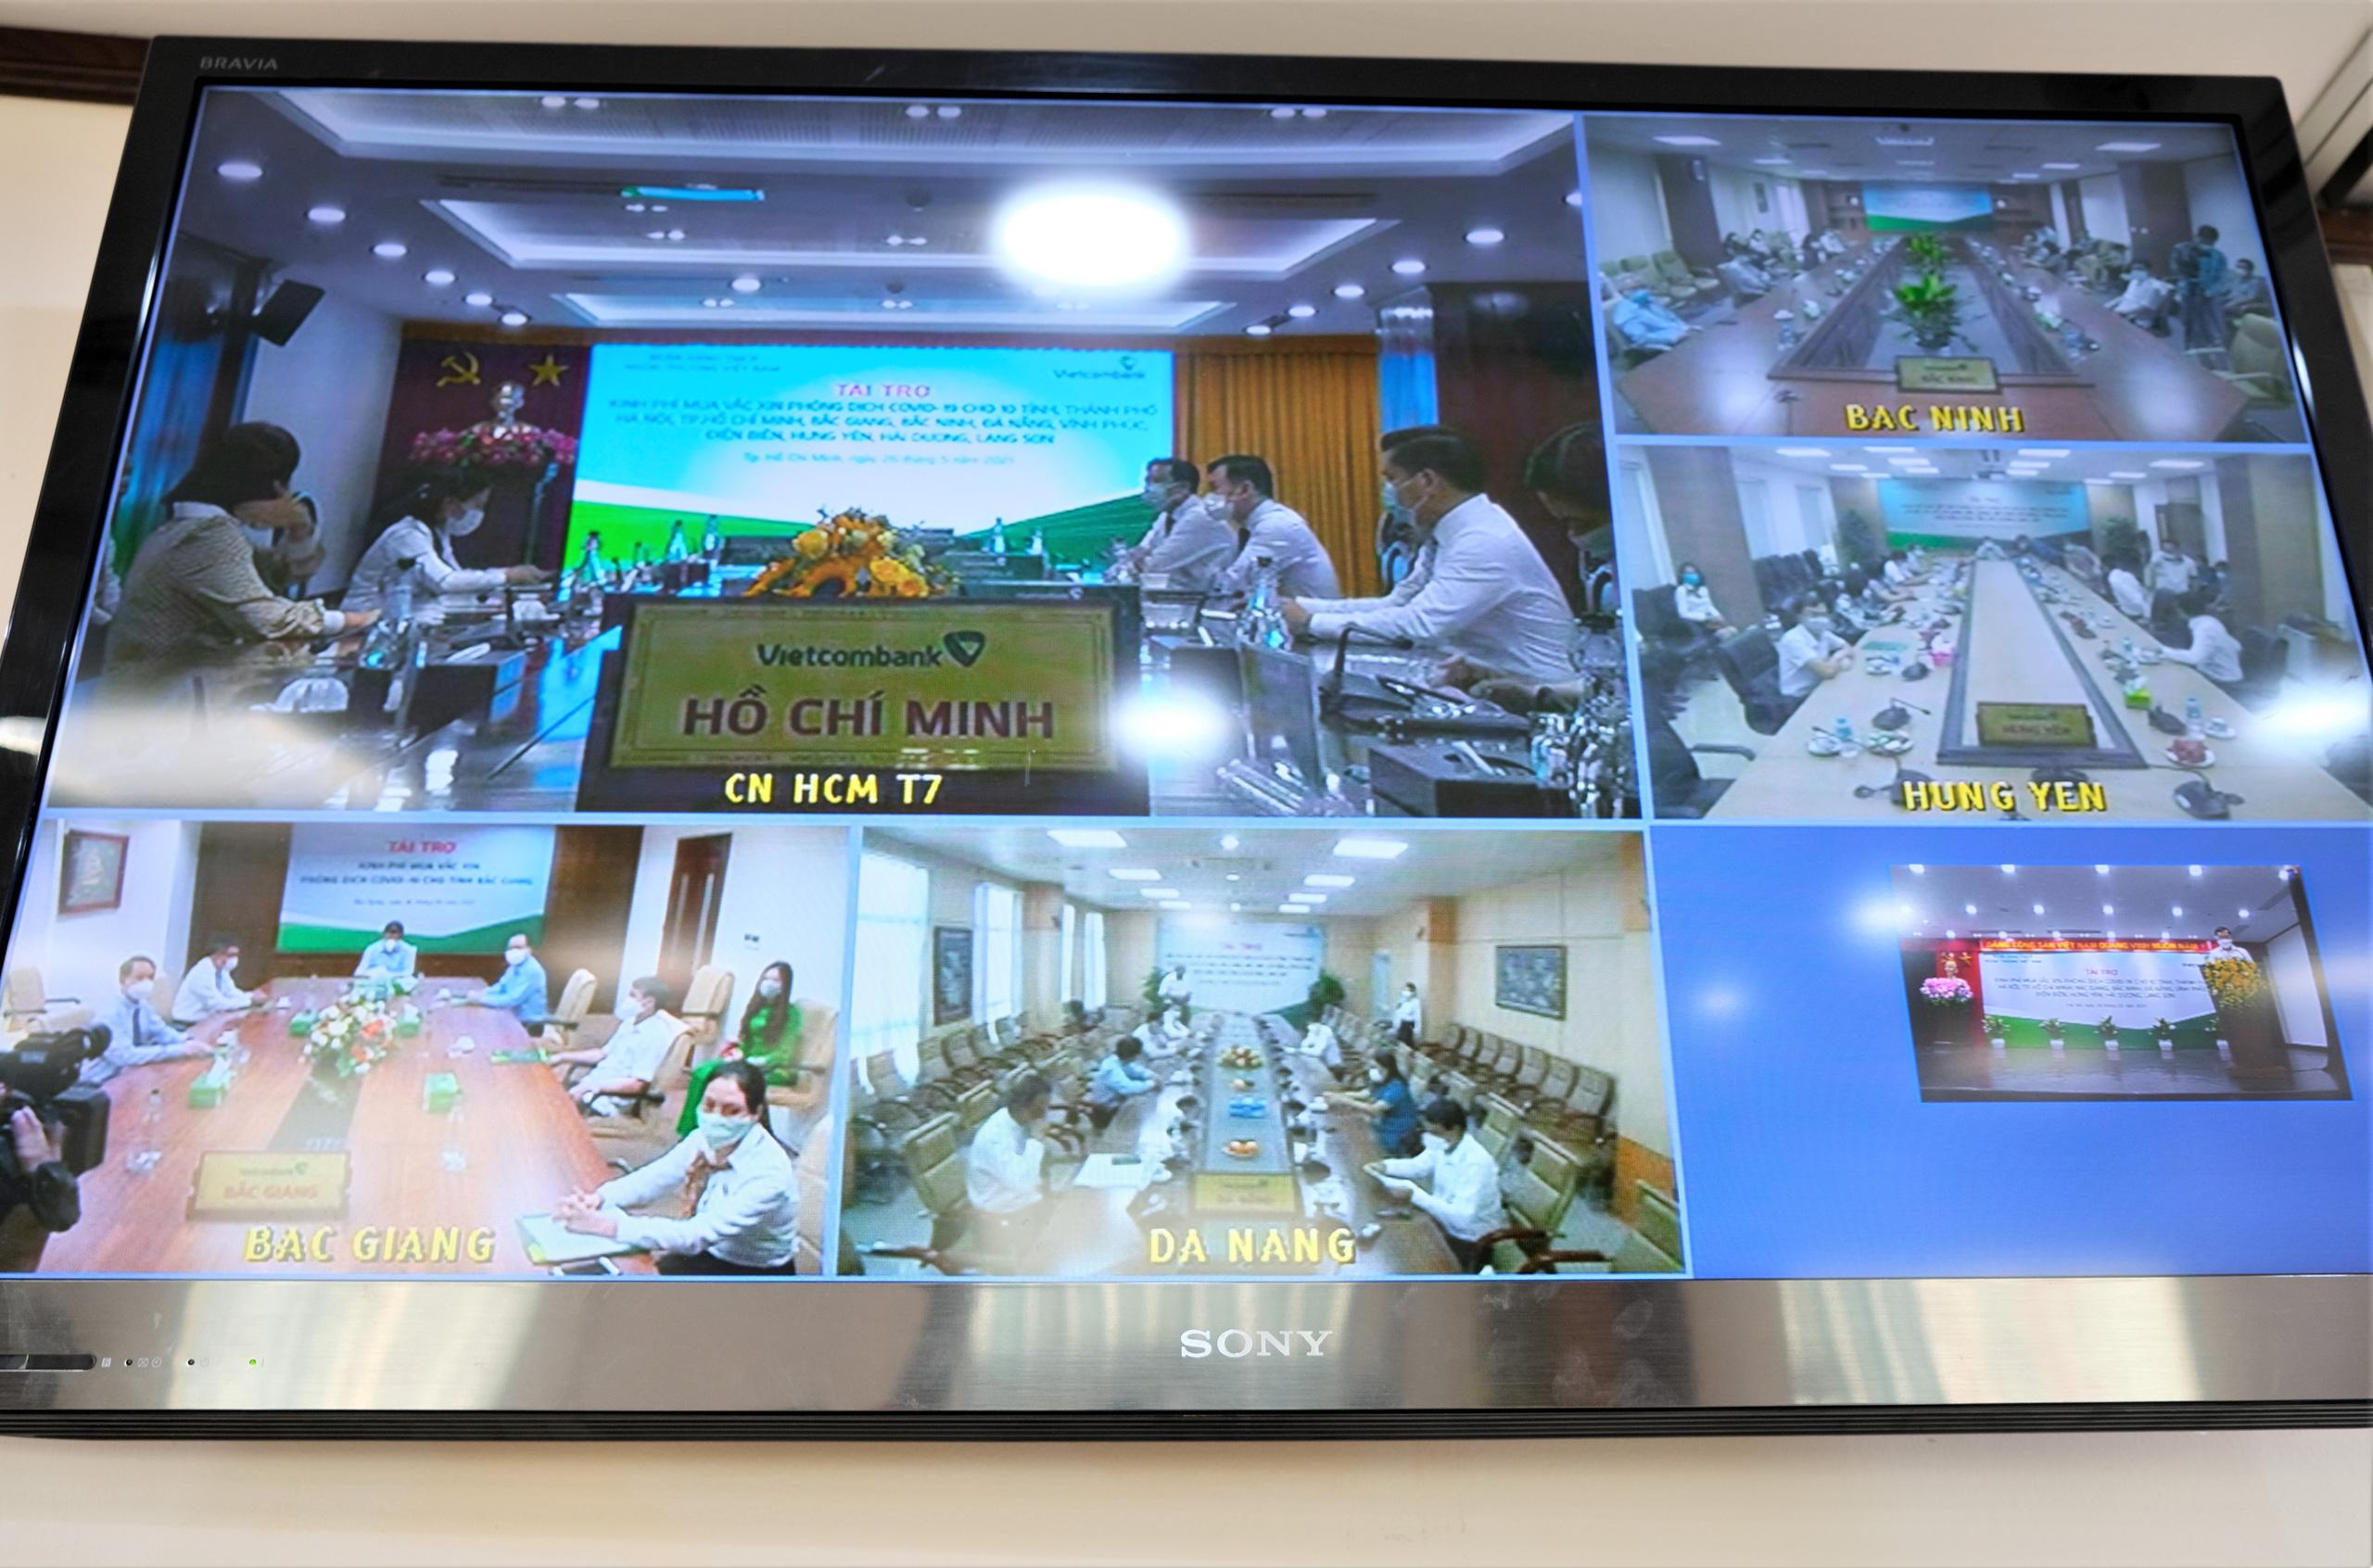 Vietcombank tài trợ 40 tỷ đồng trong đợt cao điểm quyên góp ủng hộ, phòng chống dịch Covid-19 - Ảnh 3.